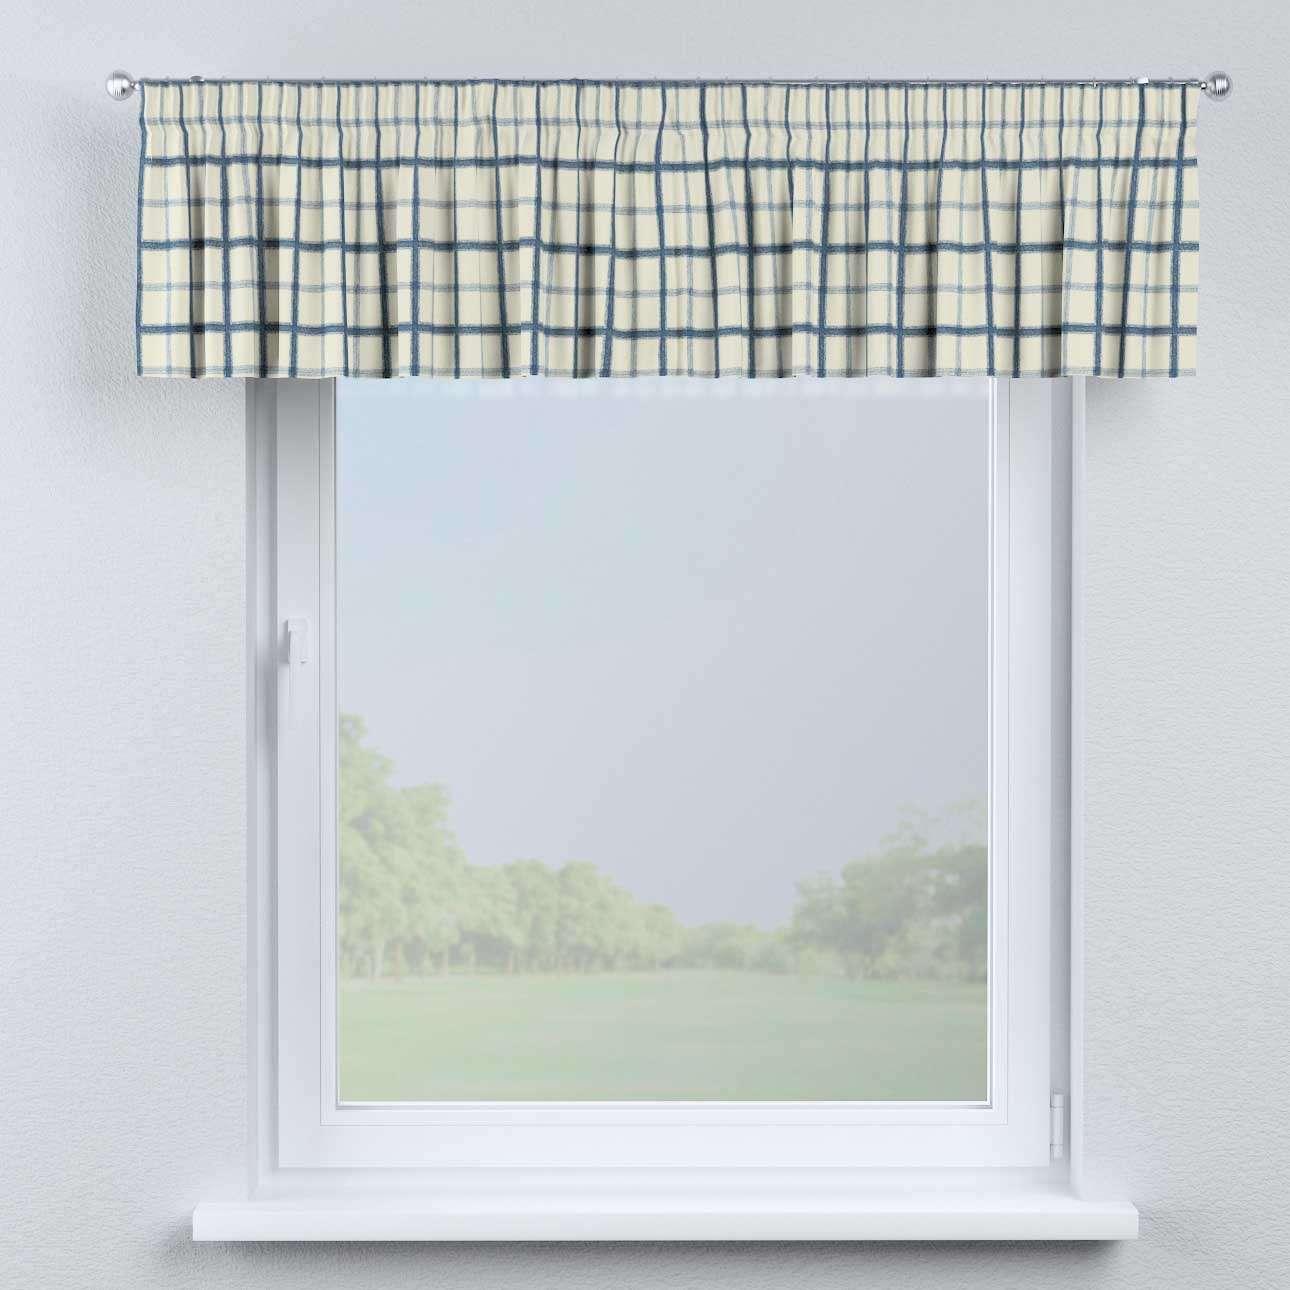 Lambrekin na taśmie marszczącej 130 x 40 cm w kolekcji Avinon, tkanina: 131-66